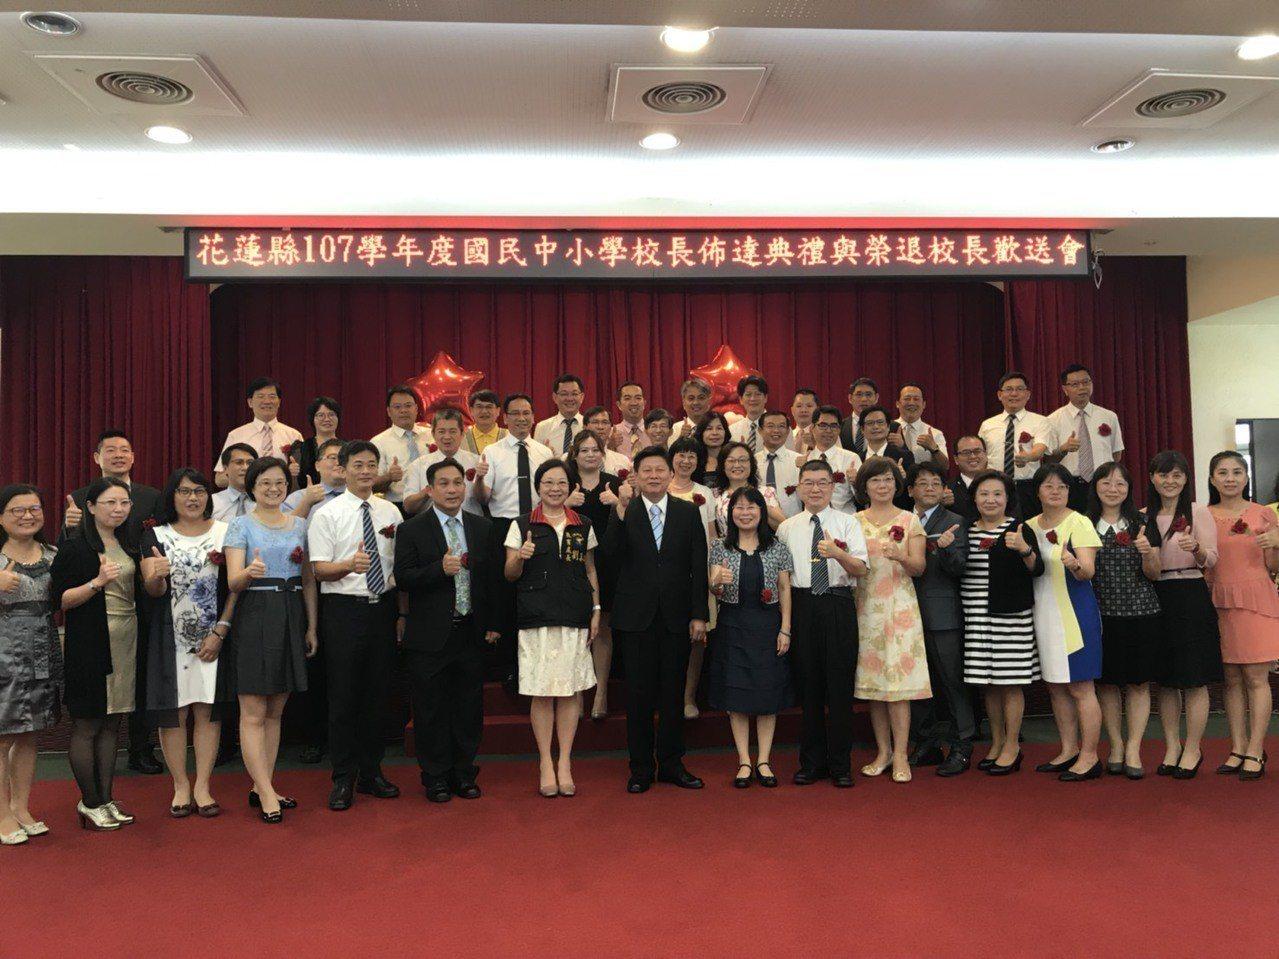 花蓮縣府昨舉辦中小學校長布達典禮。記者王燕華/攝影